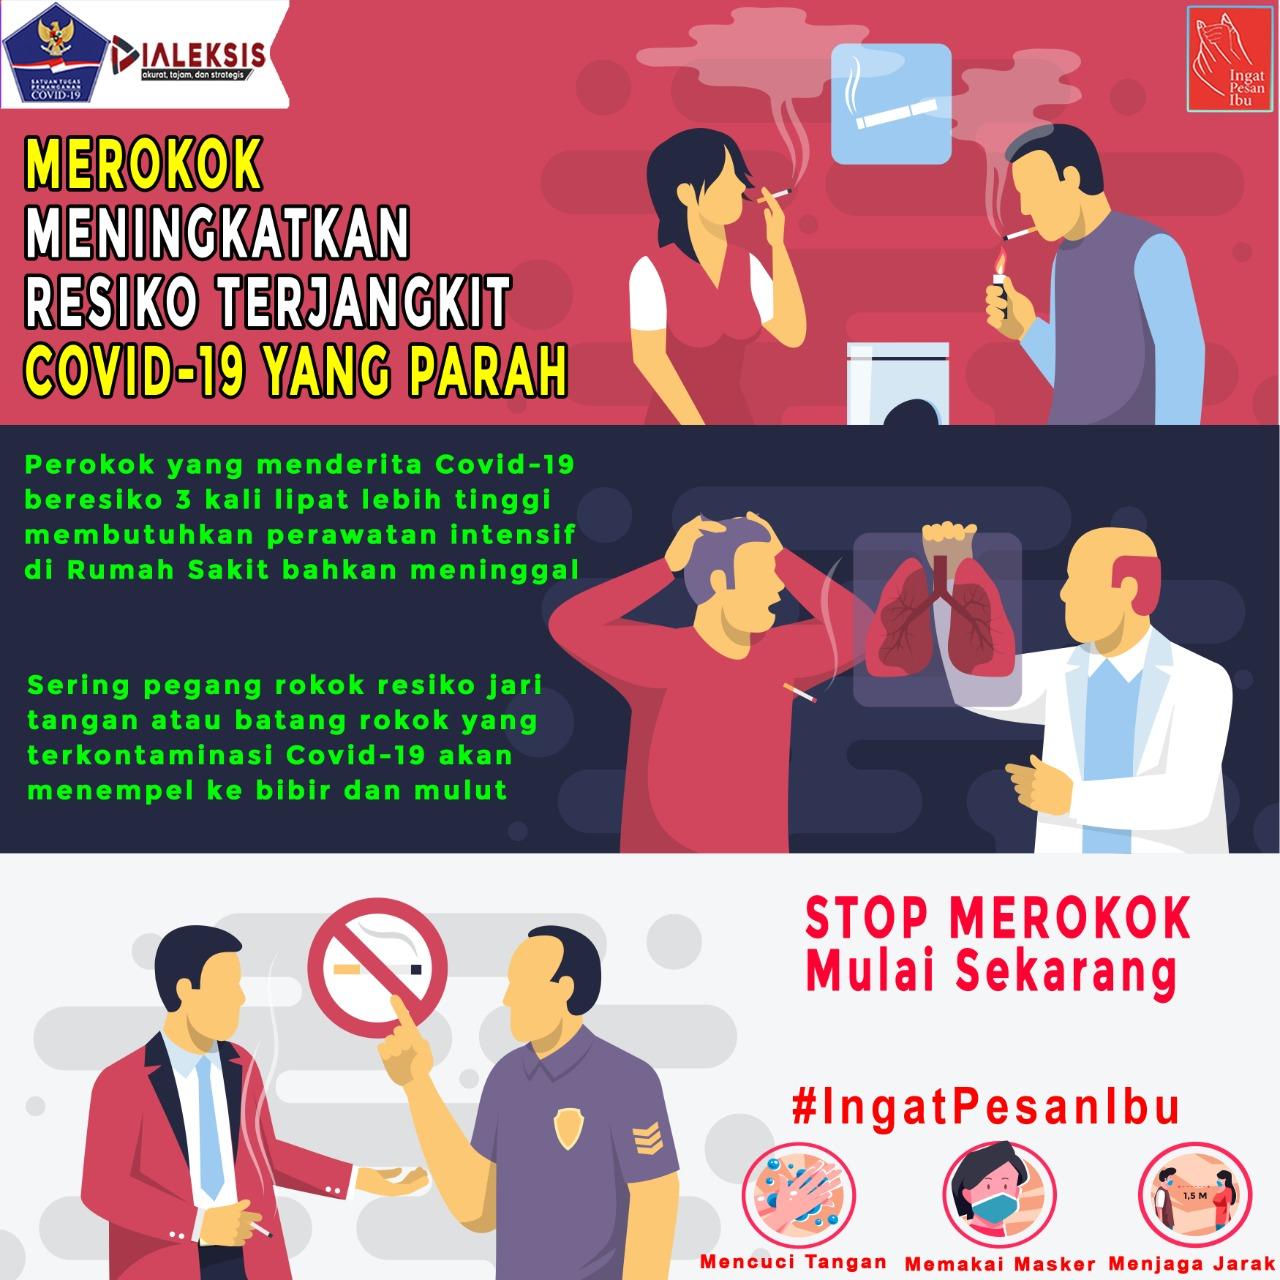 Merokok Meningkatkan Resiko Terjangkit Covid-19